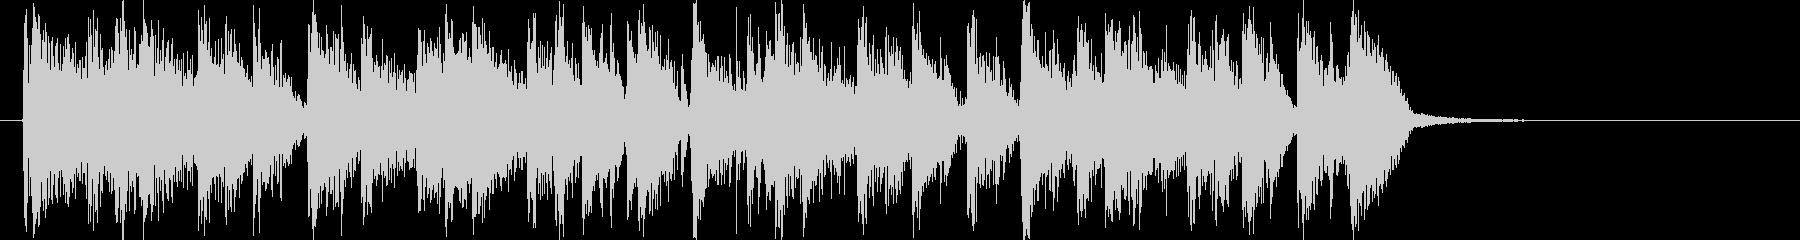 闘牛士風スパニッシュギターロゴの未再生の波形